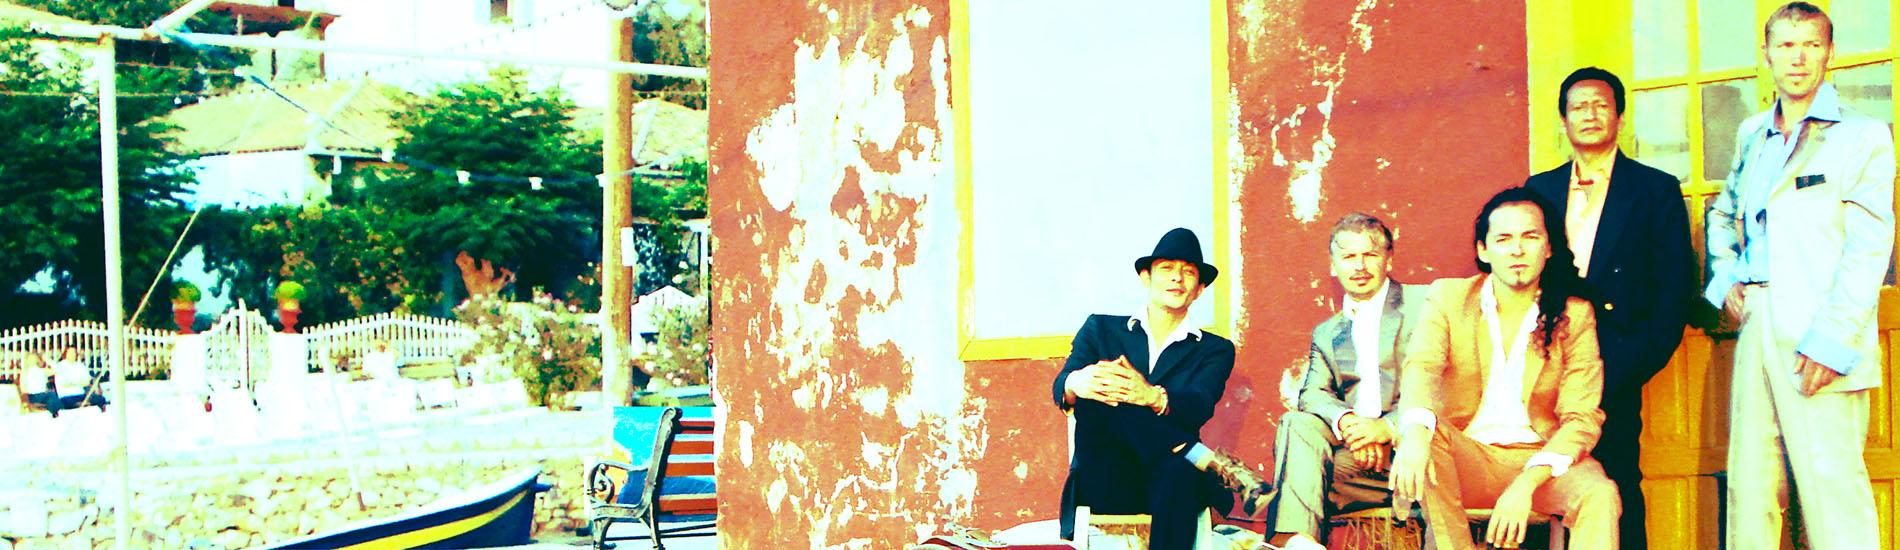 Band Hotel wereldmuziek 1 HEADER